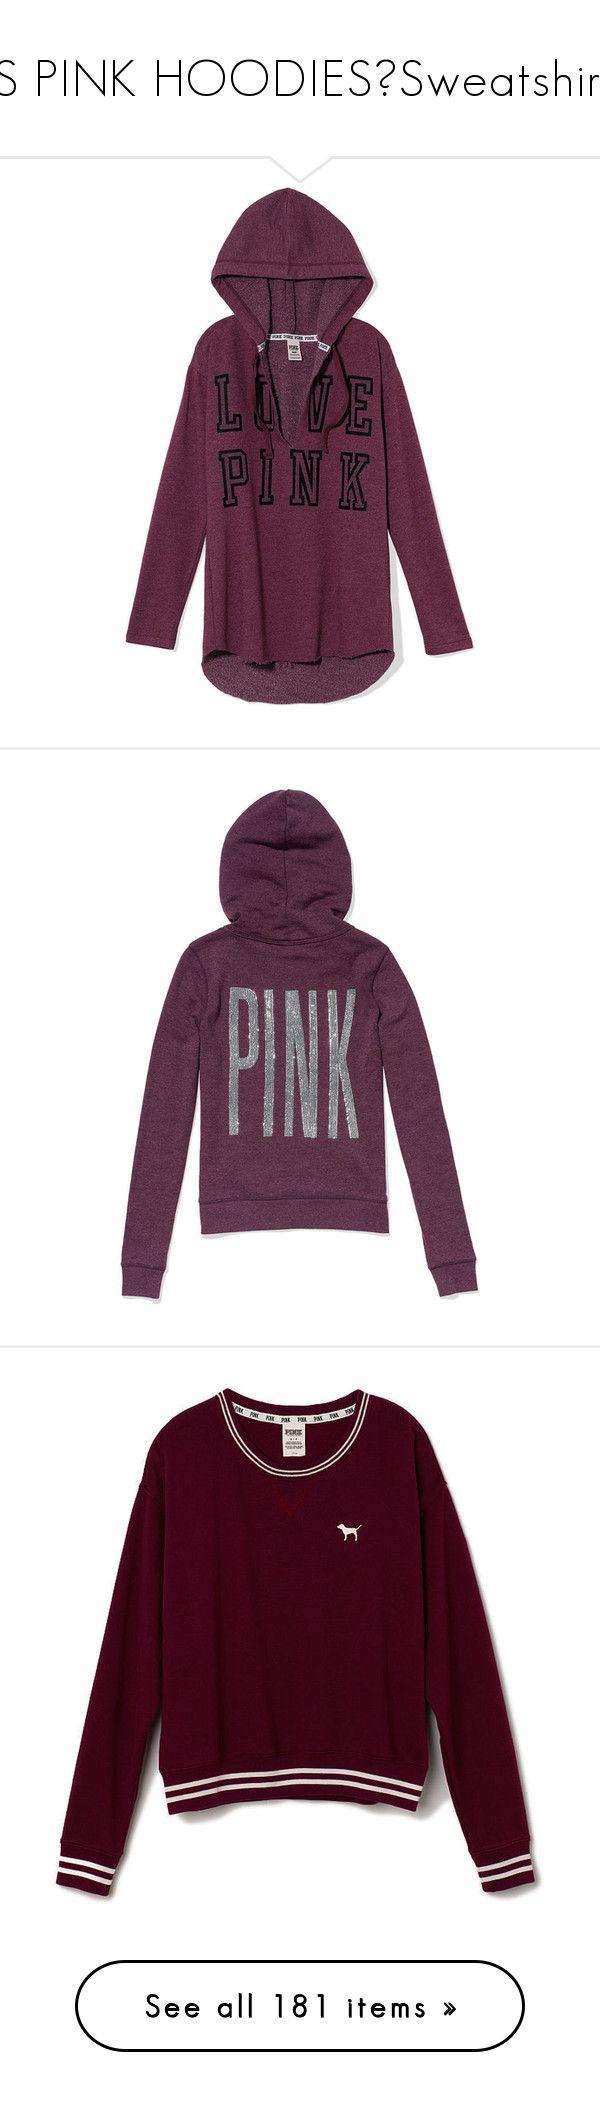 As 25 melhores ideias de Pink vs sweater no Pinterest | Pink ...